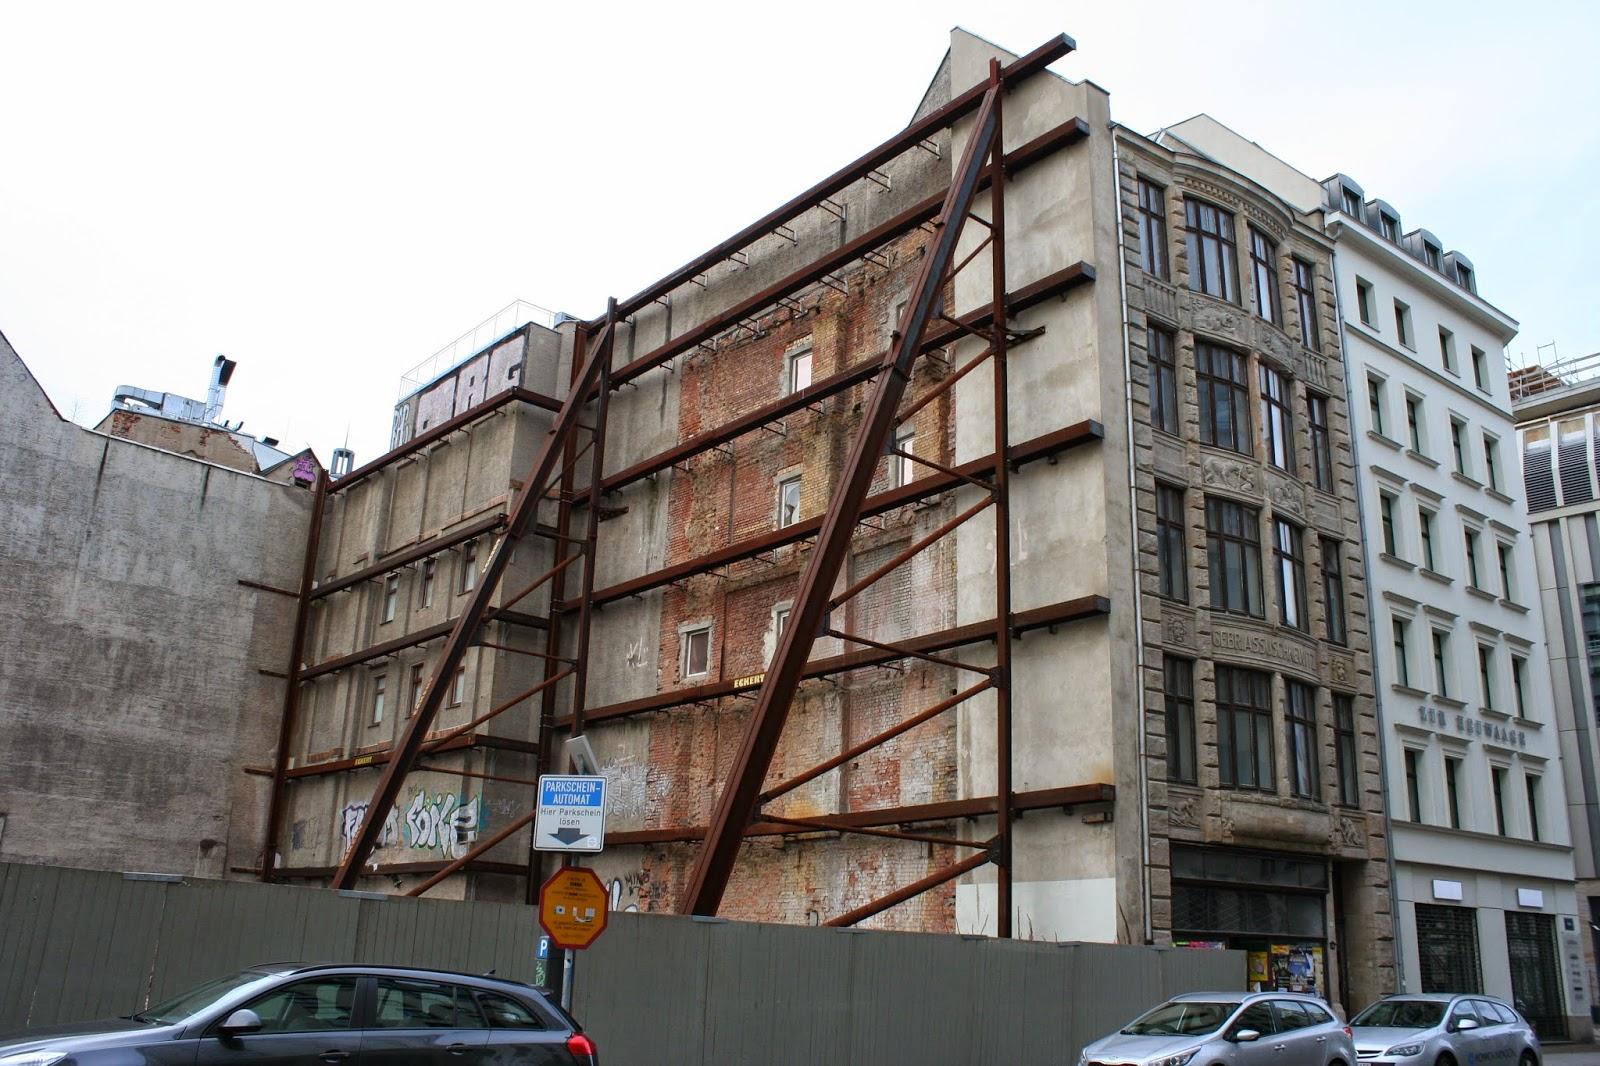 Hier das von aussen reich verzierte, abgestützte und denkmalgeschützte Gebäude der Pelzhändler Gebrüder Assuschkewitz am Brühl